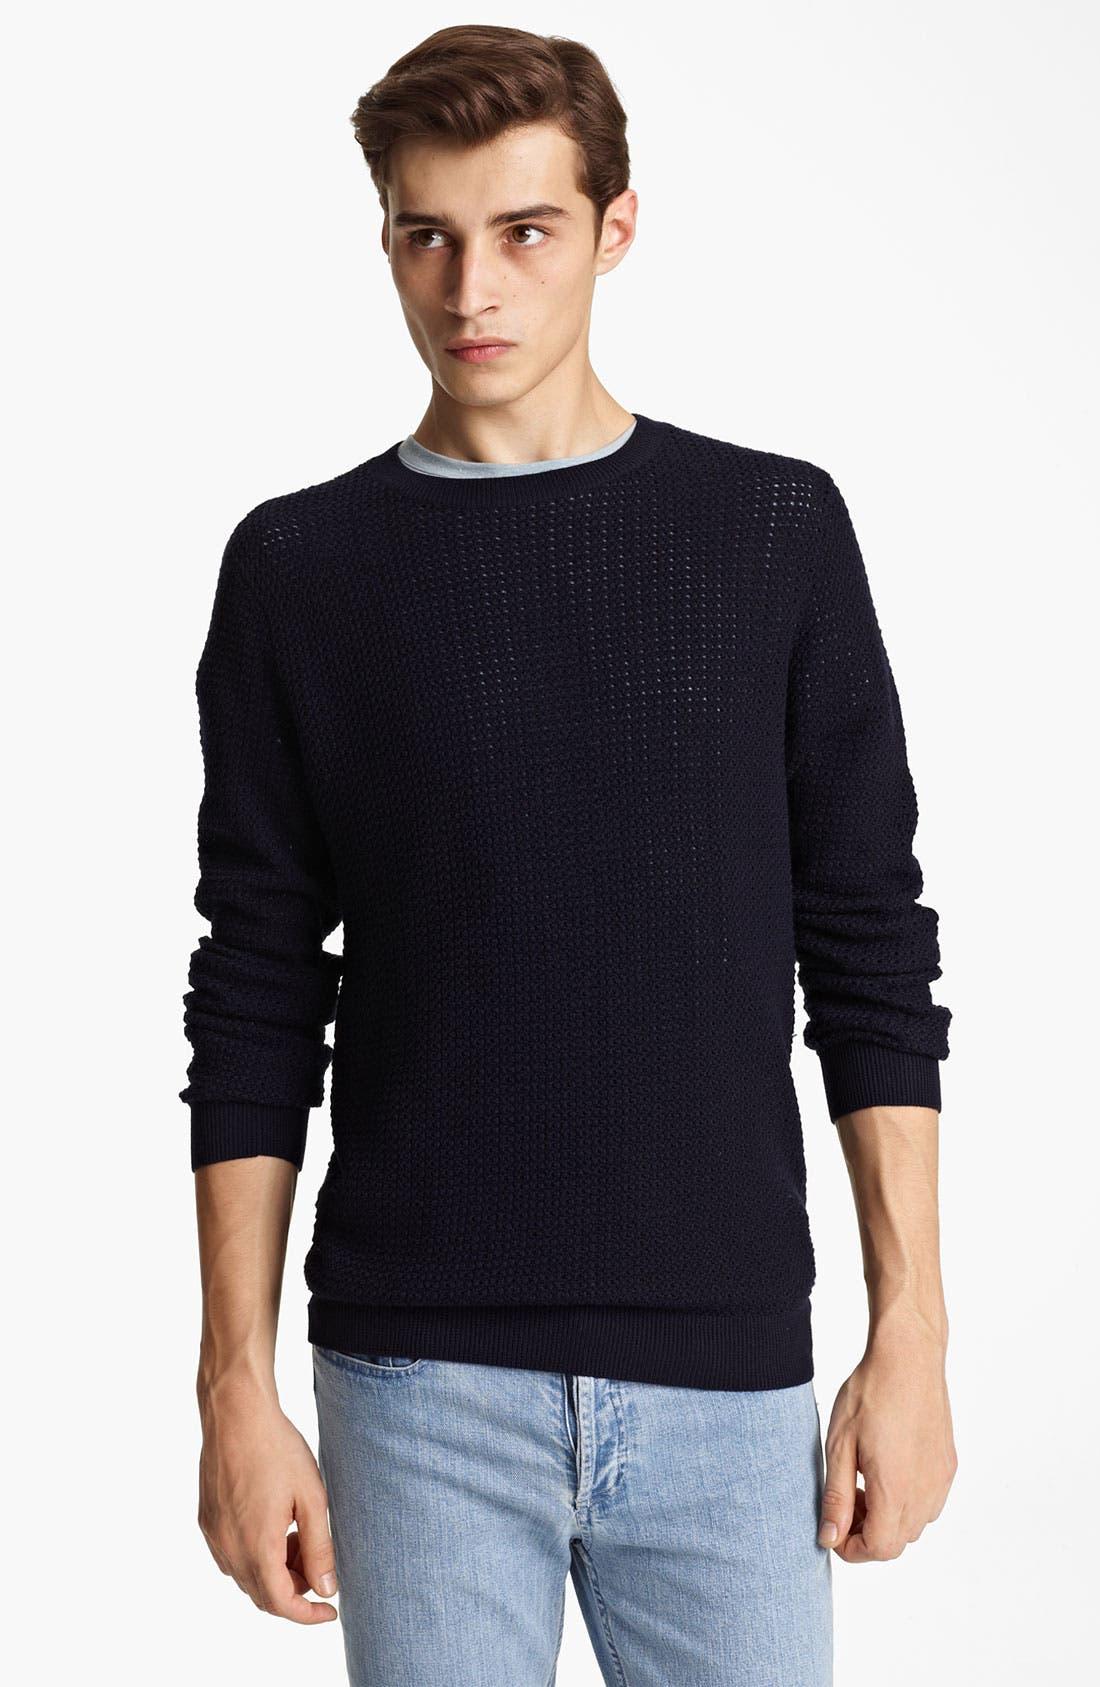 Main Image - A.P.C. Perforated Crewneck Sweater